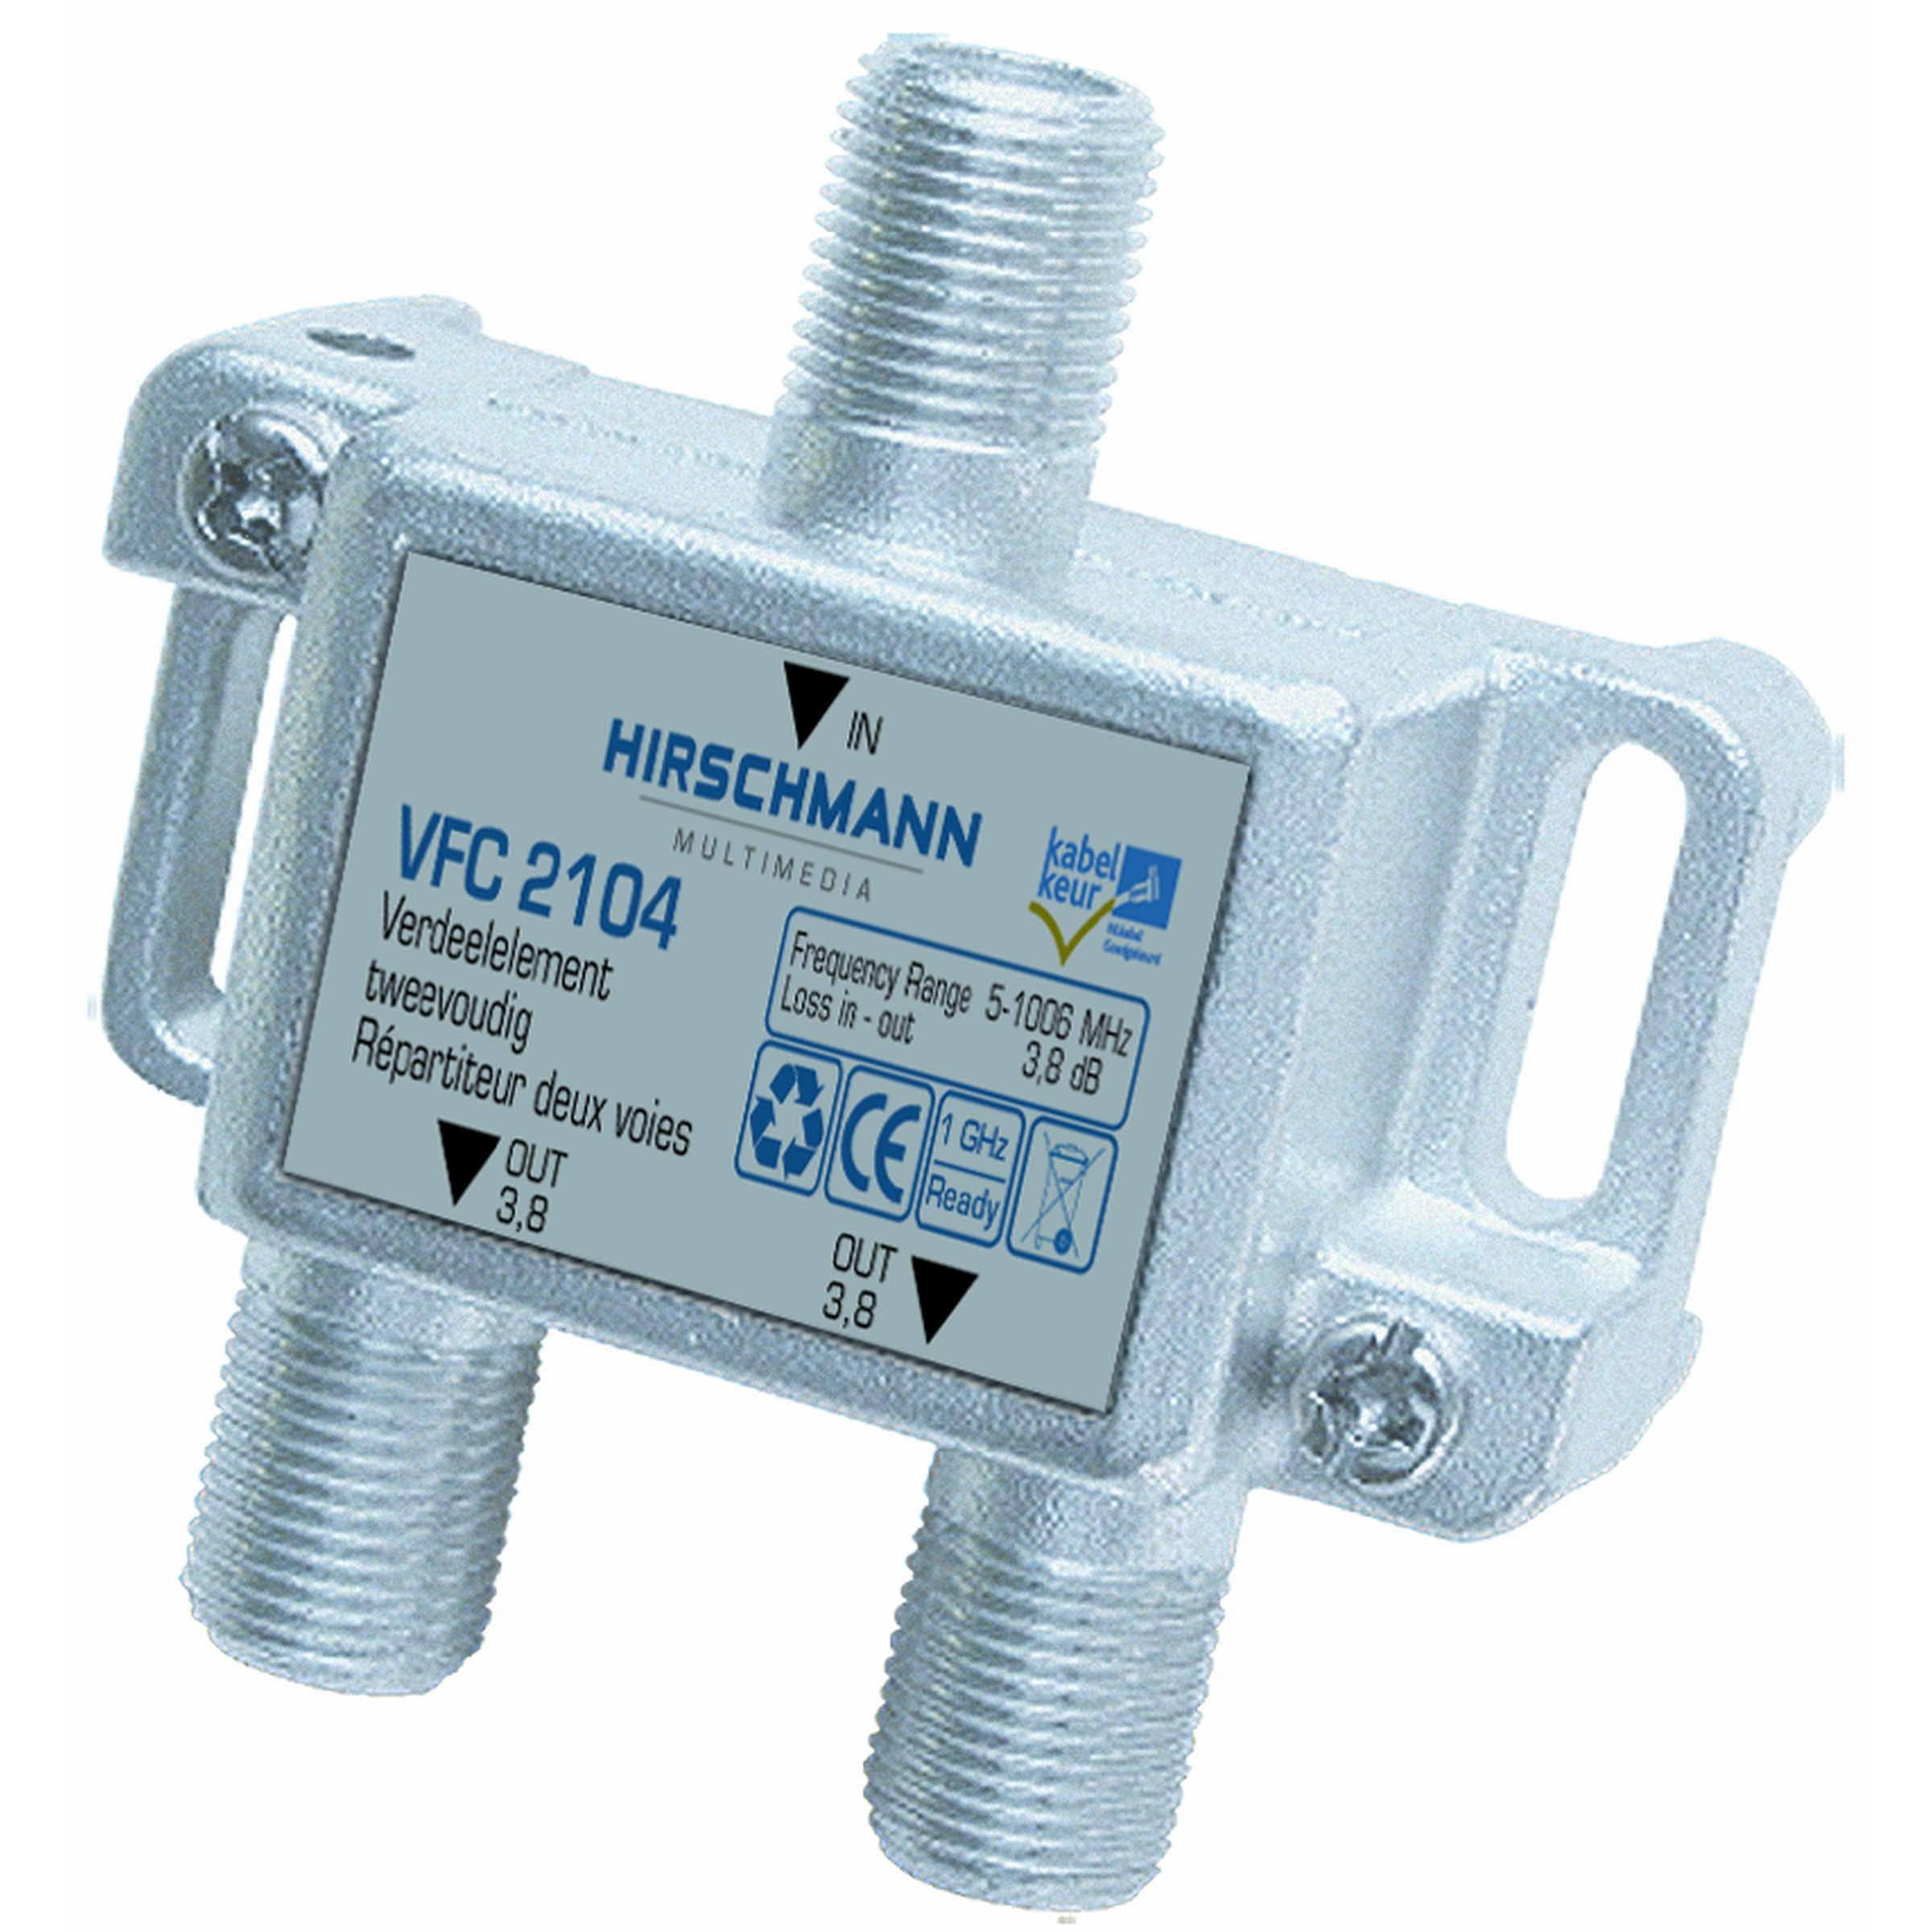 Hirschmann tweeverdeler F-connector VFC 2104